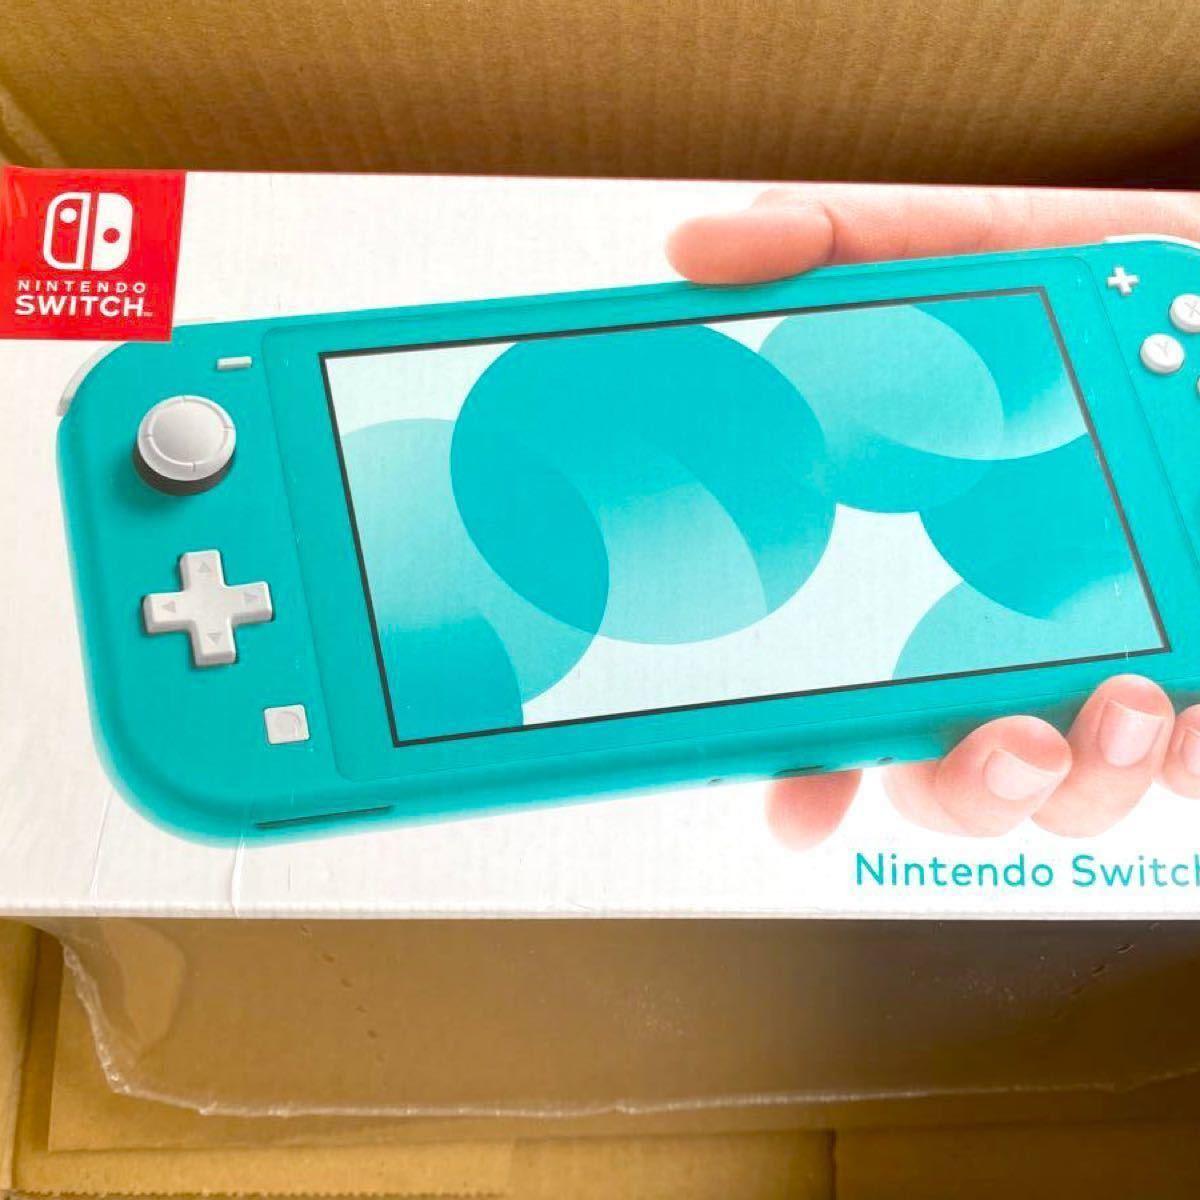 さらに1000円引き 早い者勝ち 【新品未開封】 Nintendo Switch Lite ターコイズ